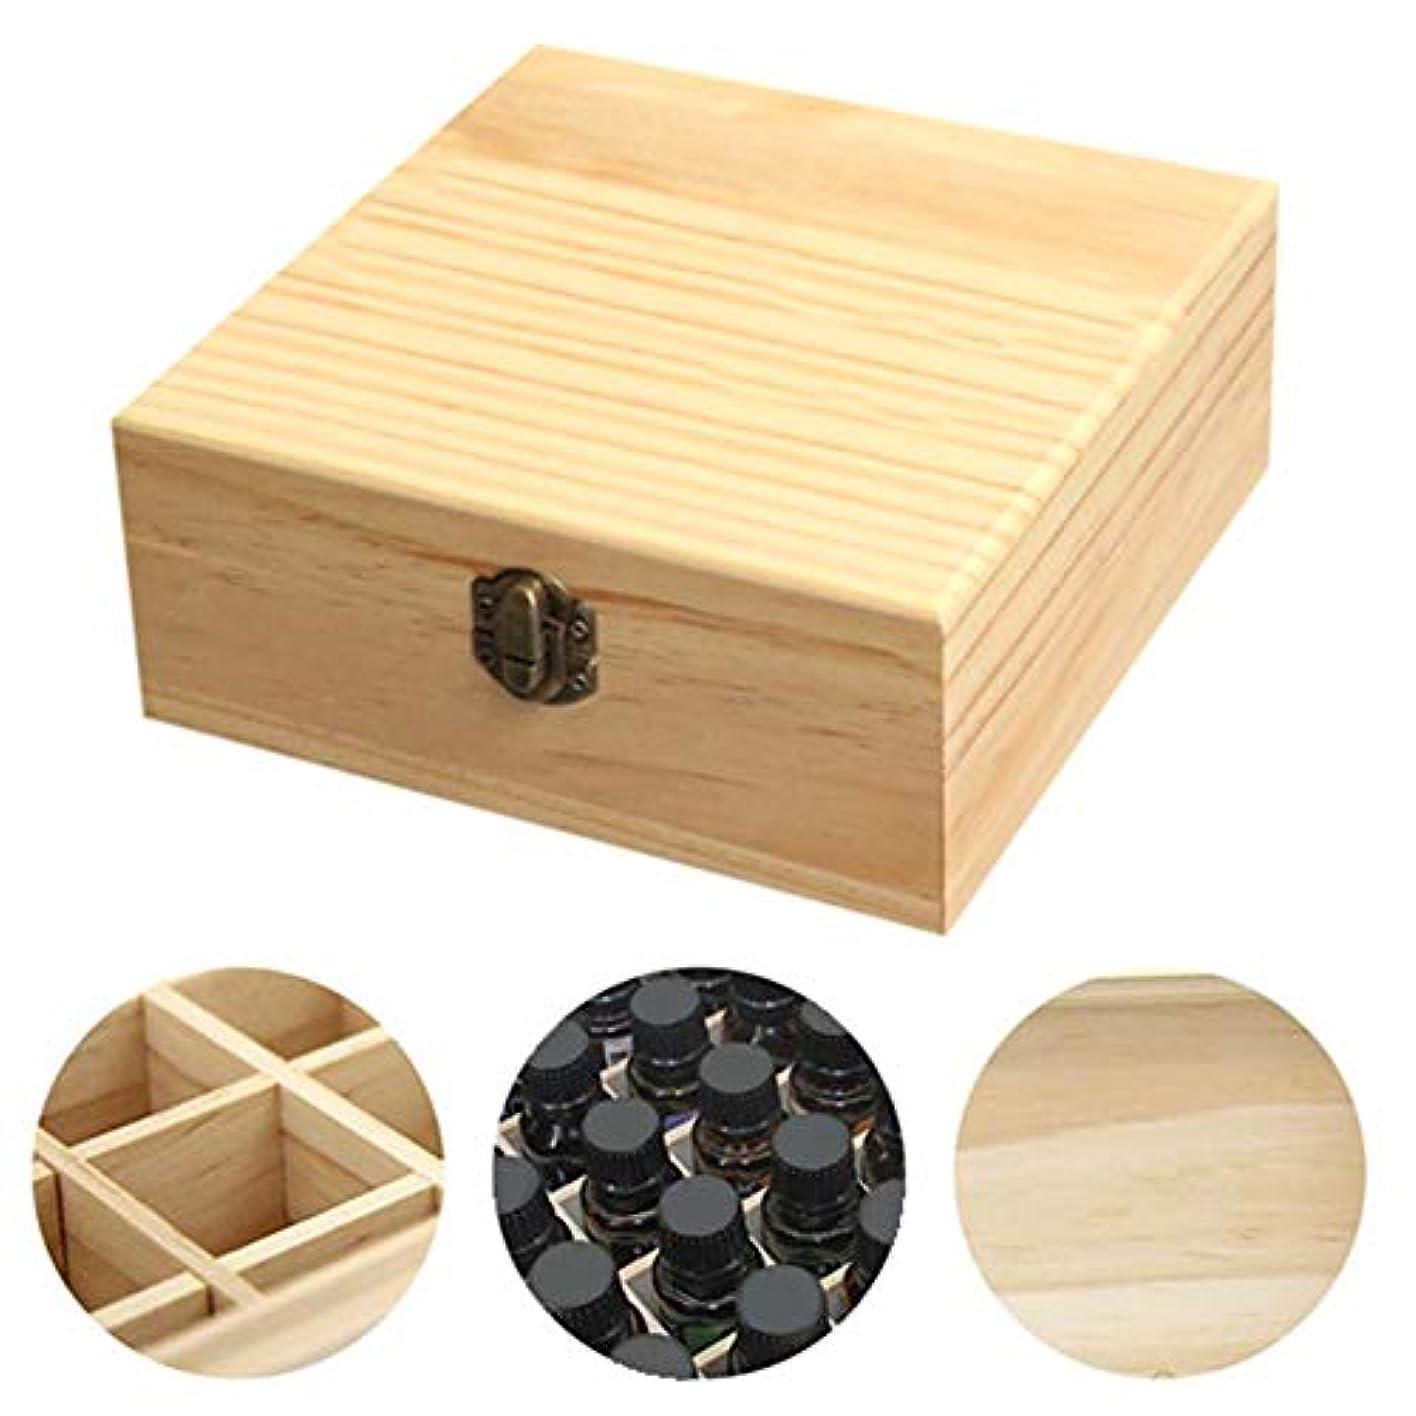 海賊認めるクスコclouday エッセンシャルオイル収納ボックス 自然木製 エッセンシャルオイルオイル 収納 ボックス 香水収納ケース アロマオイル収納ボックス 25本用 approving